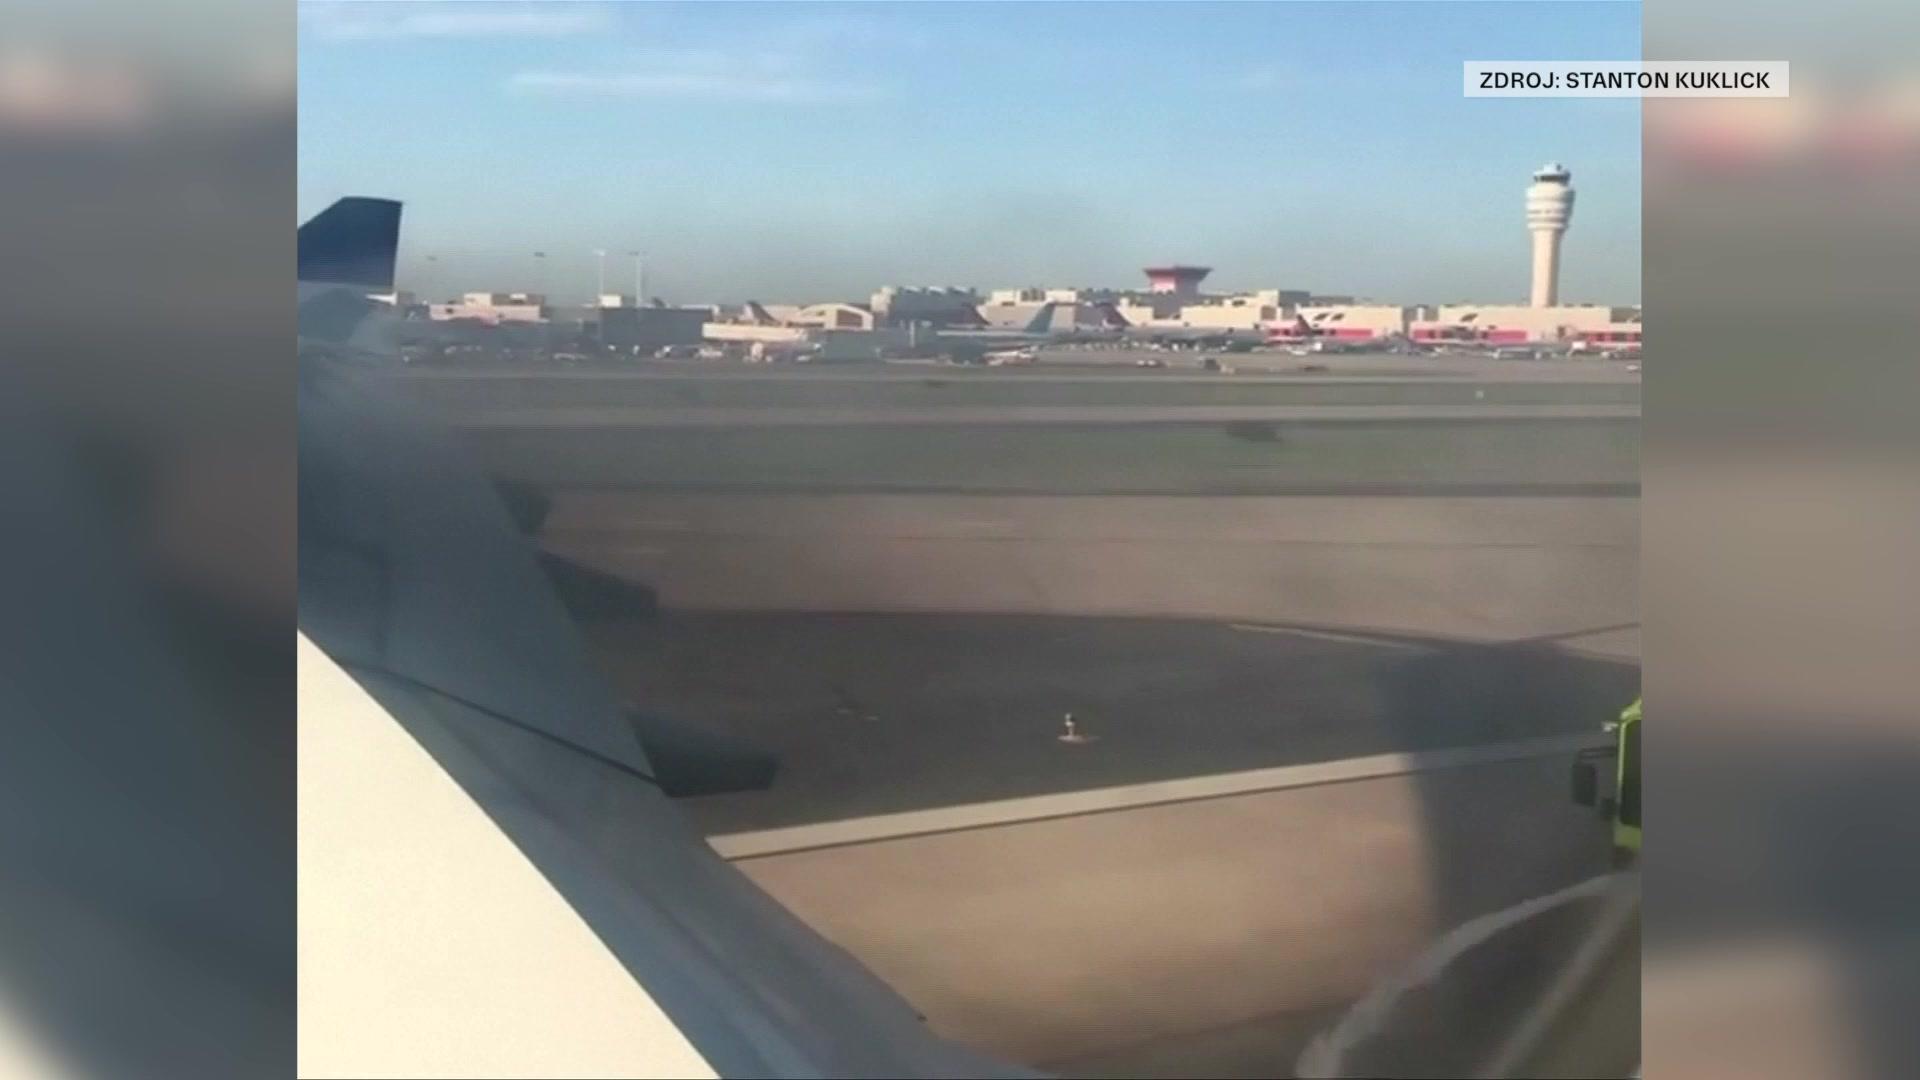 Cestující natočili další okamžiky strachu. Letoun přistával s hořícím motorem